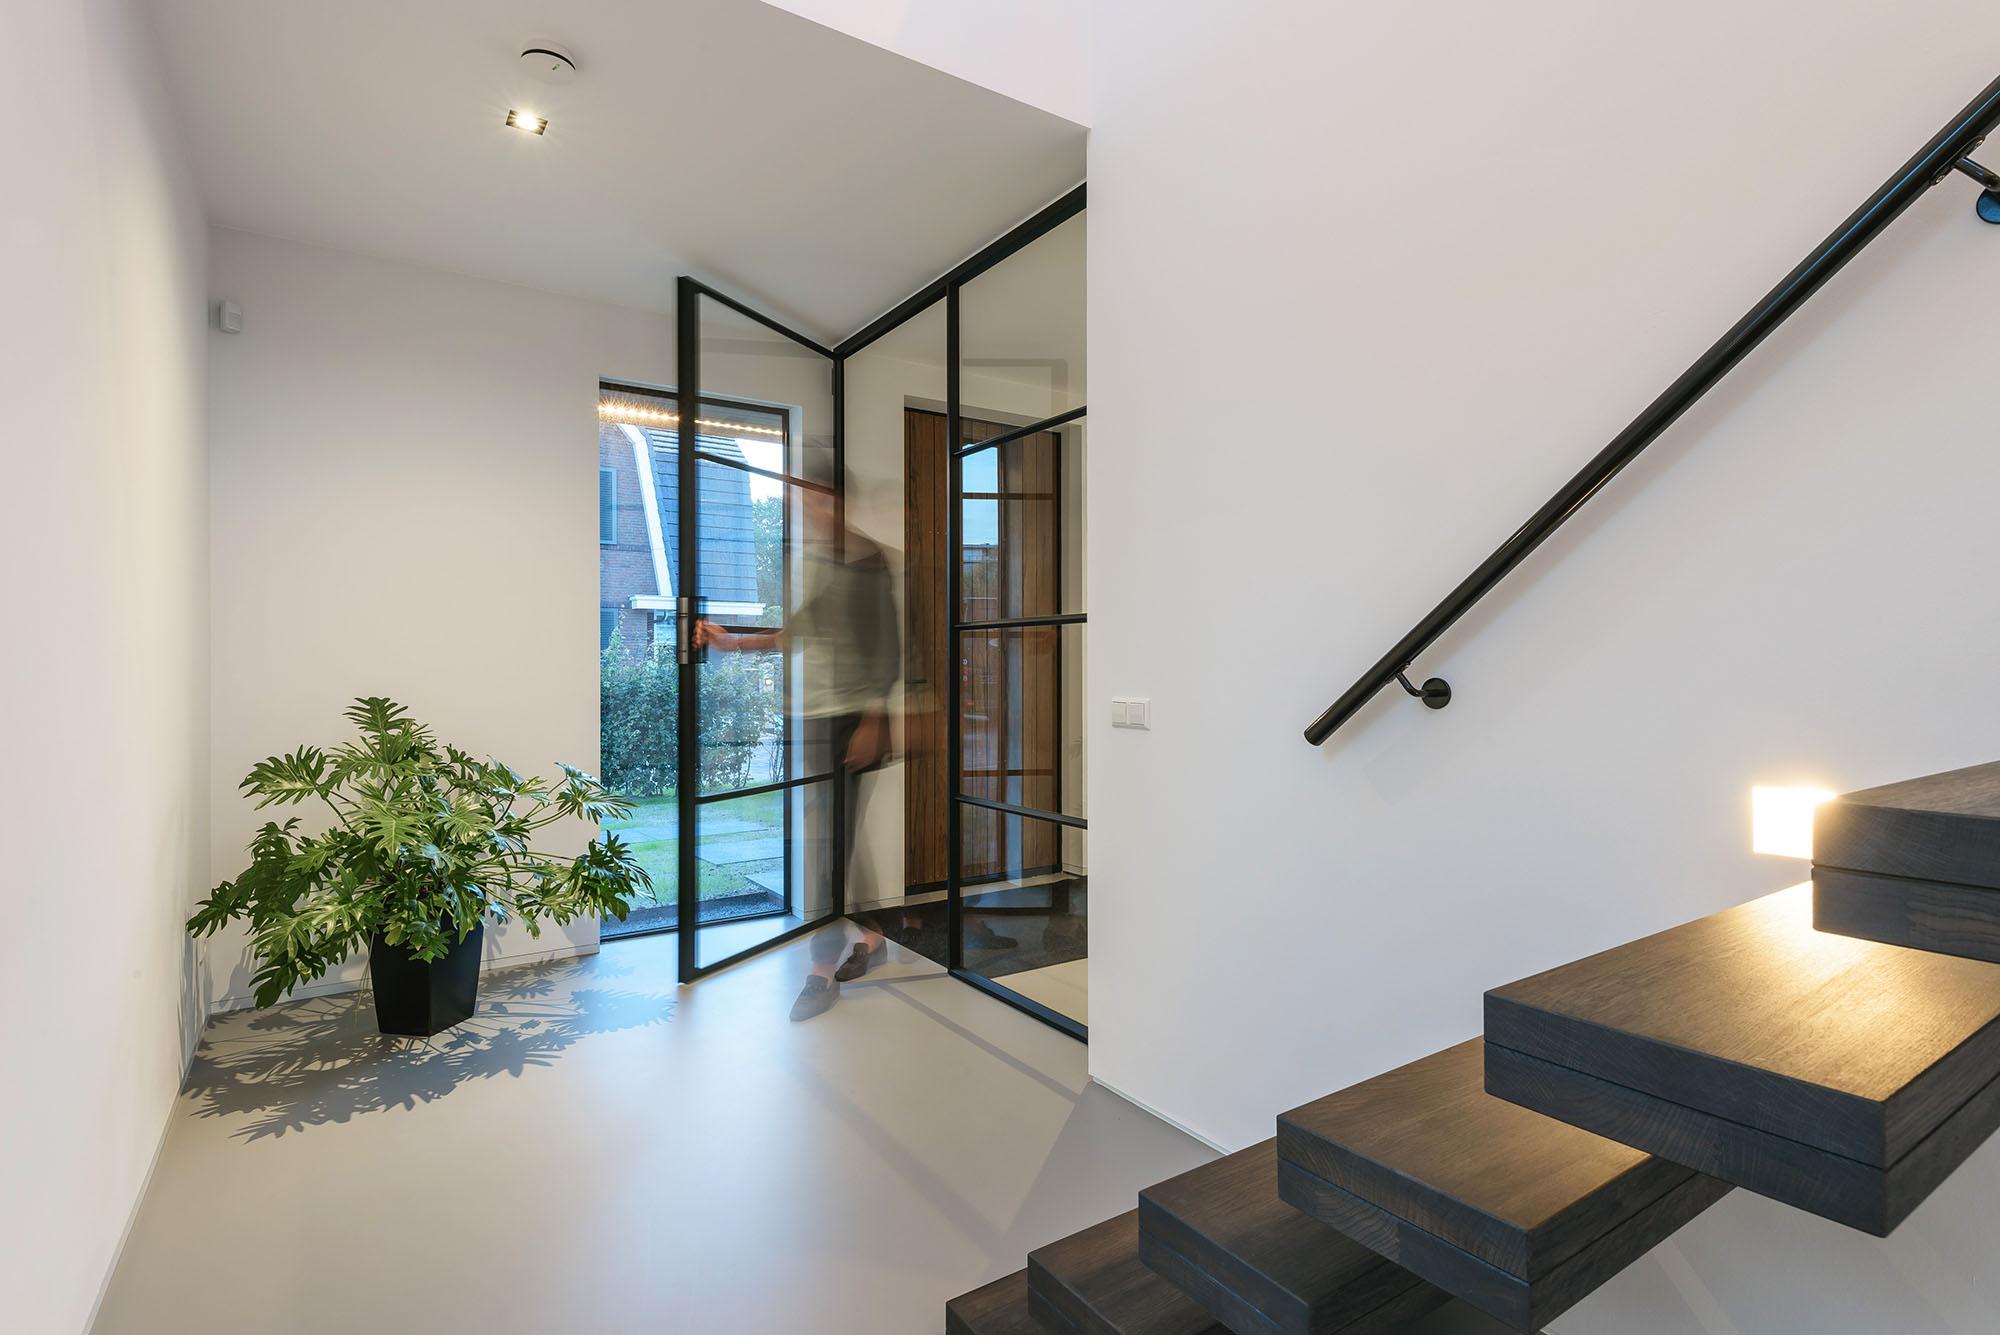 JURY-House008-stalen-deur-entree-01